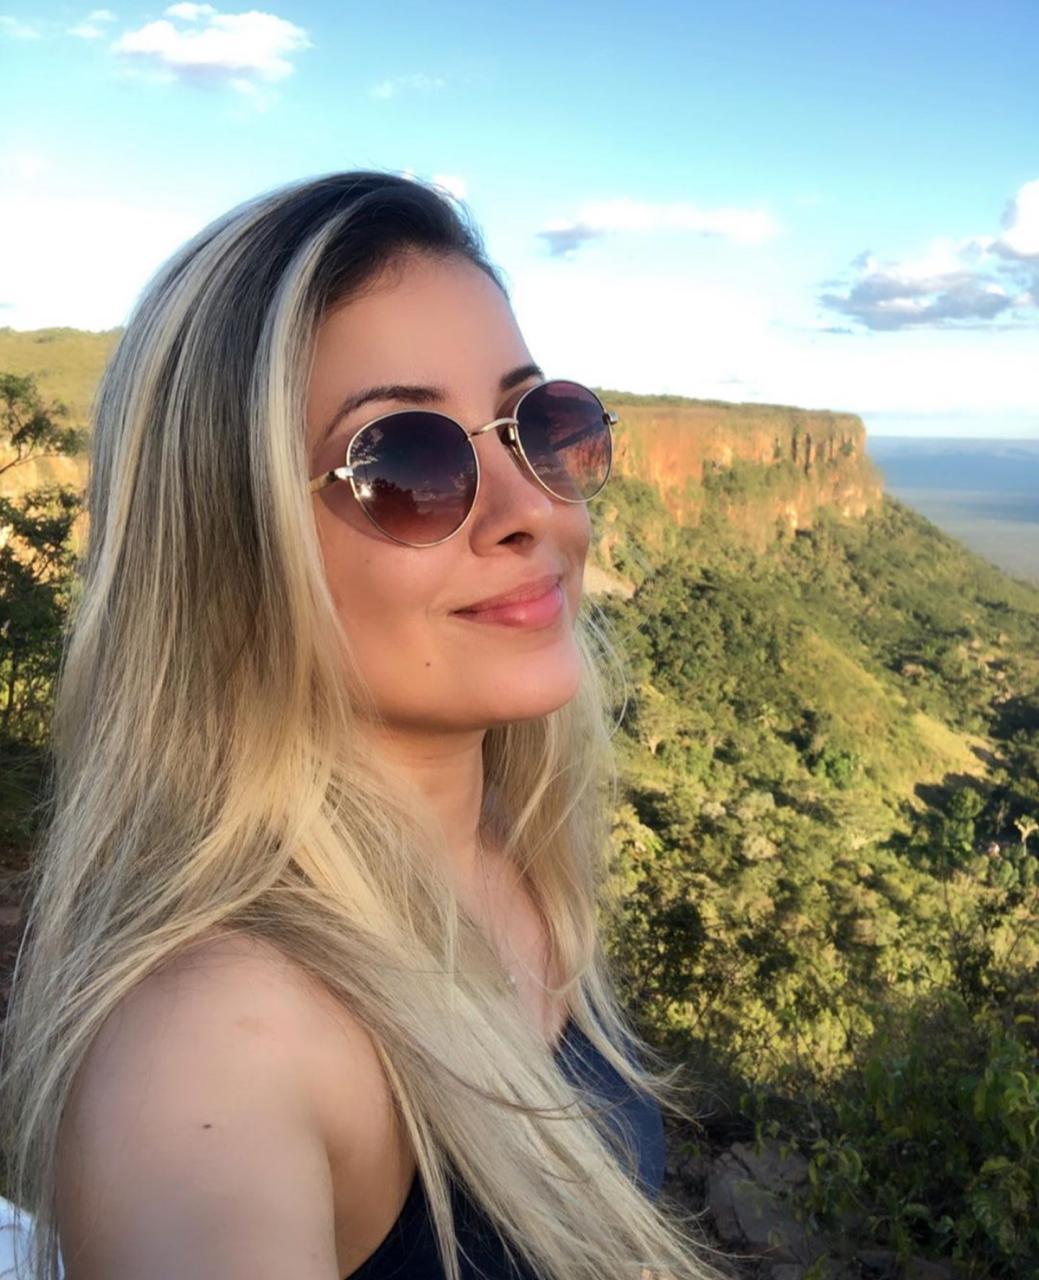 Roberta Pereira morreu em acidente na zona Leste de Teresina - Foto: Reprodução/Instagram